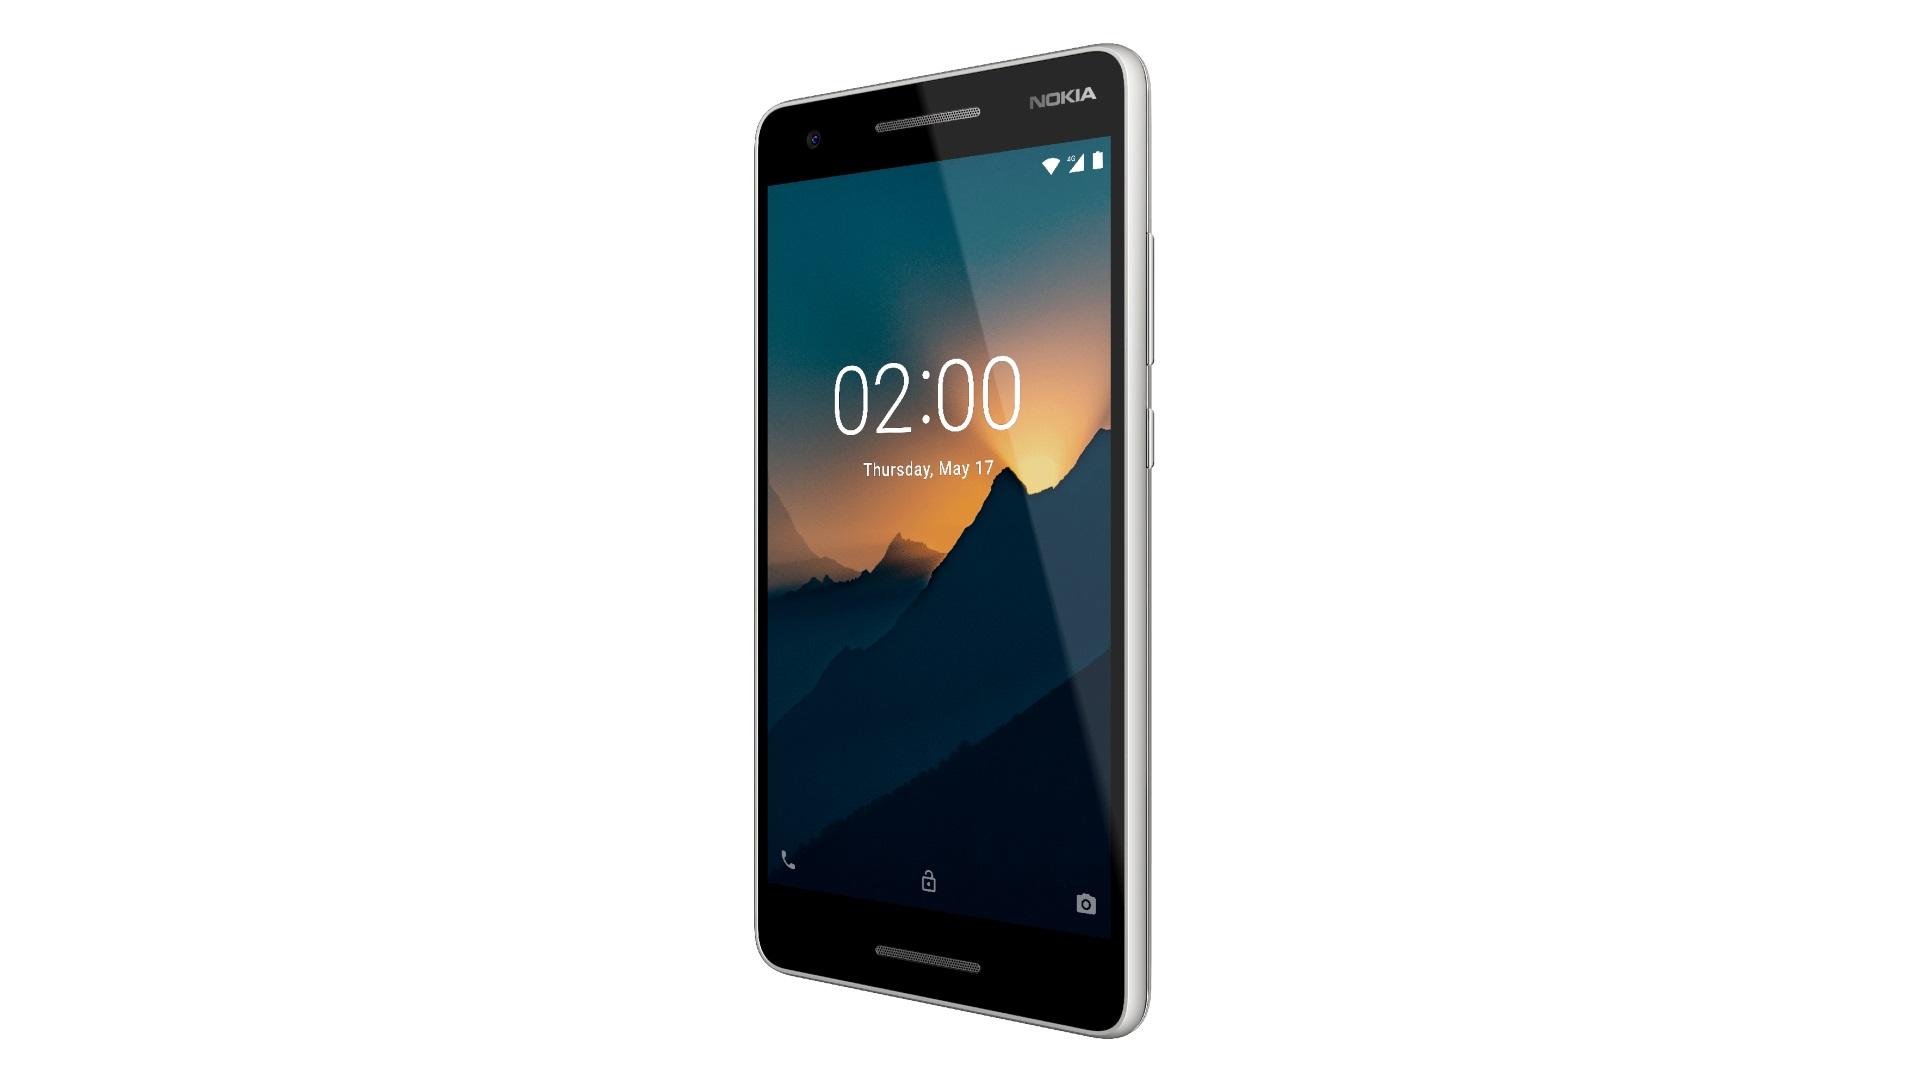 Изображение рендера телефона Nokia 3.1 в корпусе серого цвета в развороте